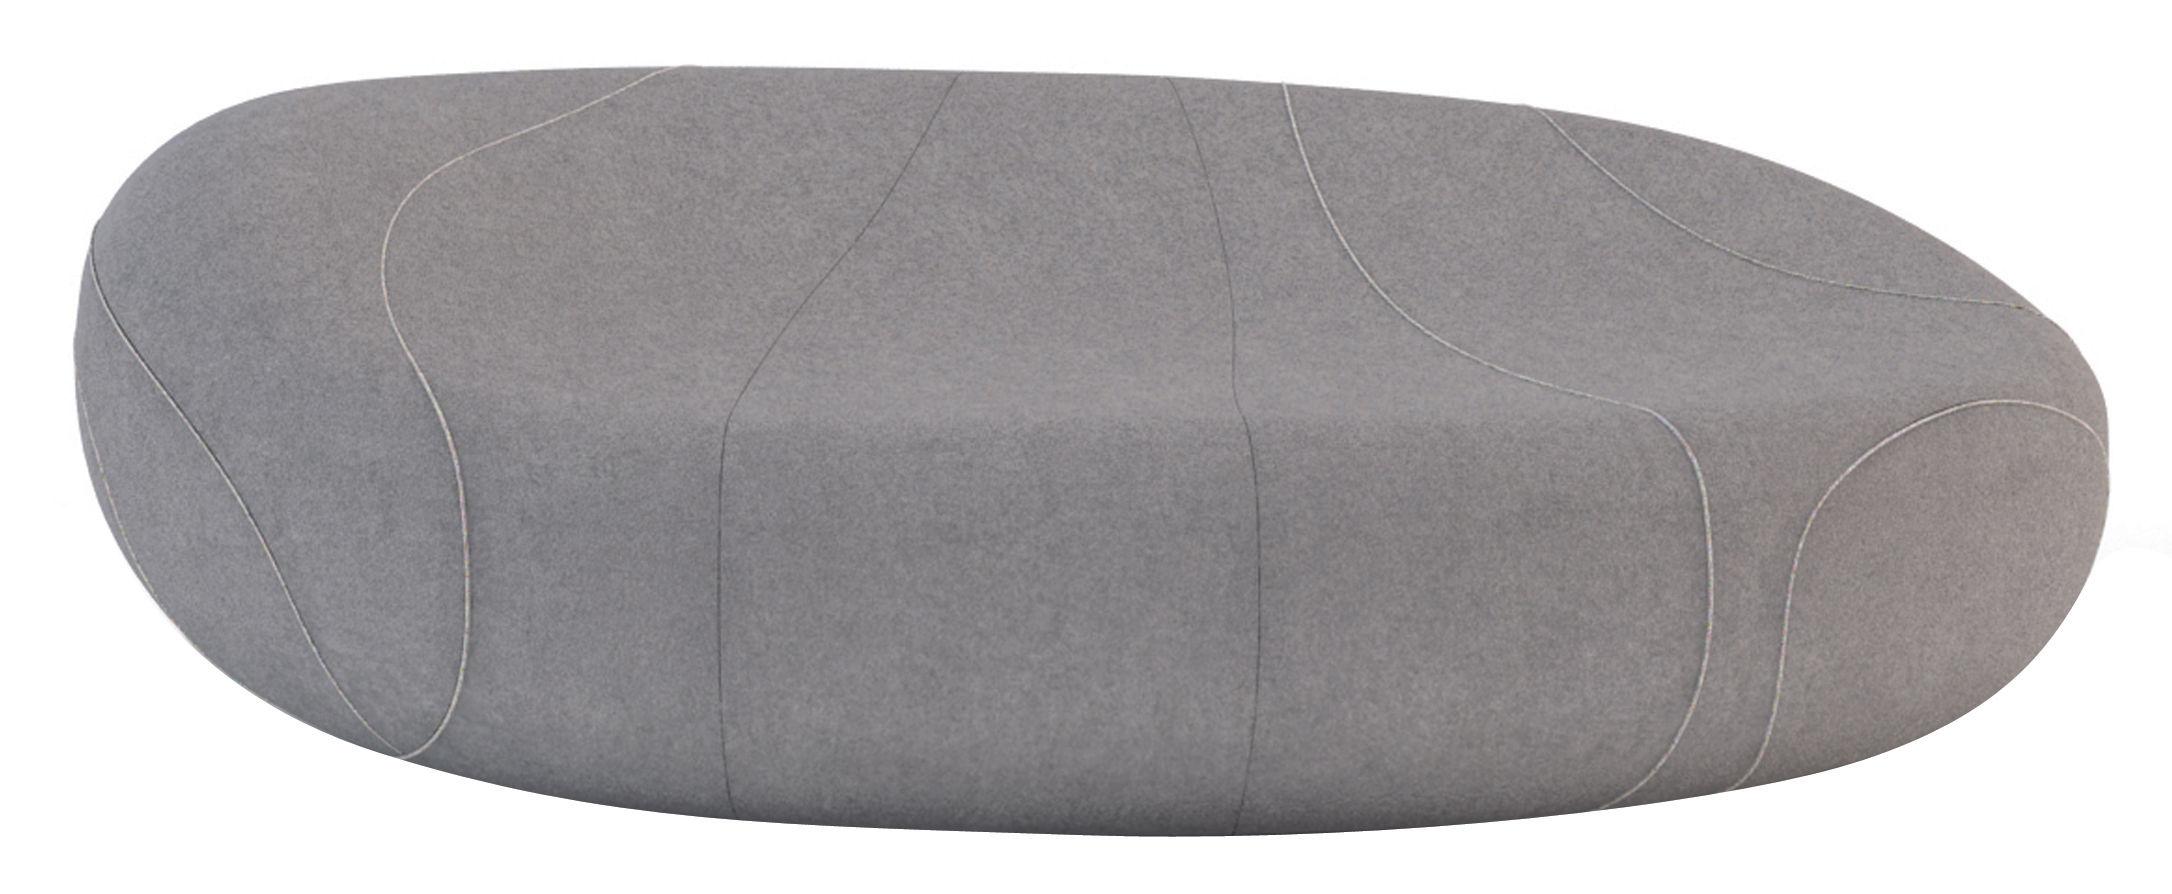 Arredamento - Divani moderni - Divano destro Gilda Livingstones - Versione in lana da interno di Smarin - Grigio scuro - 200 x 140 cm / H 70 cm - Bultex, Lana